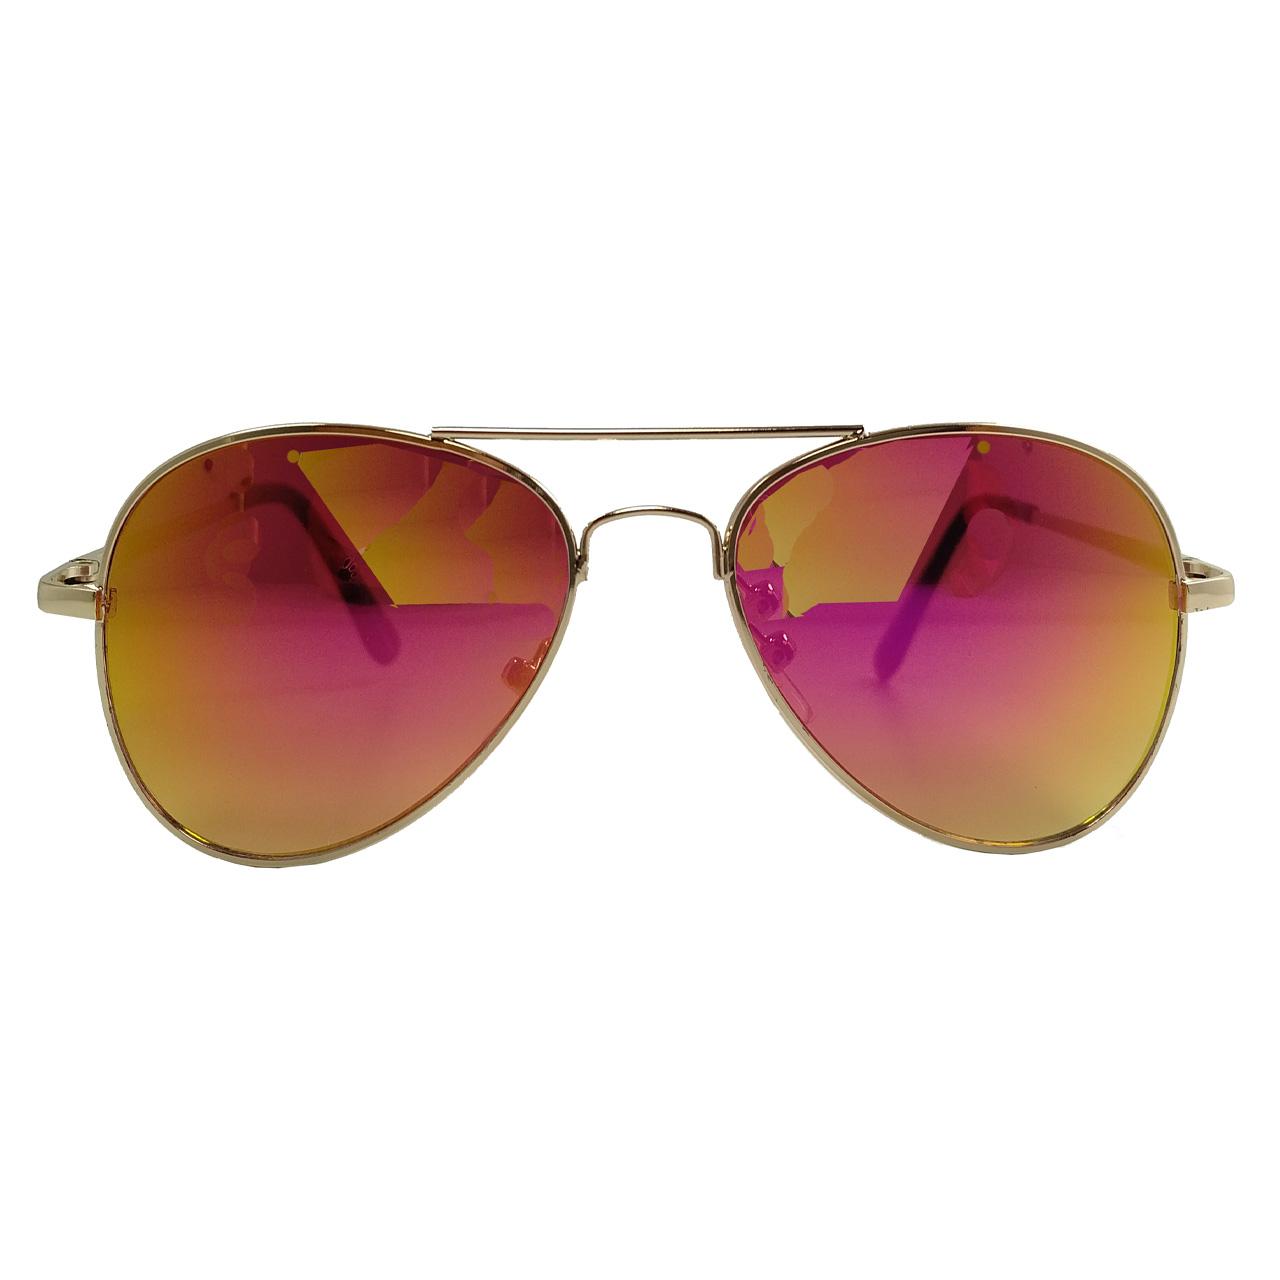 قیمت عینک آفتابی بچه گانه یوگی مدل YUGI